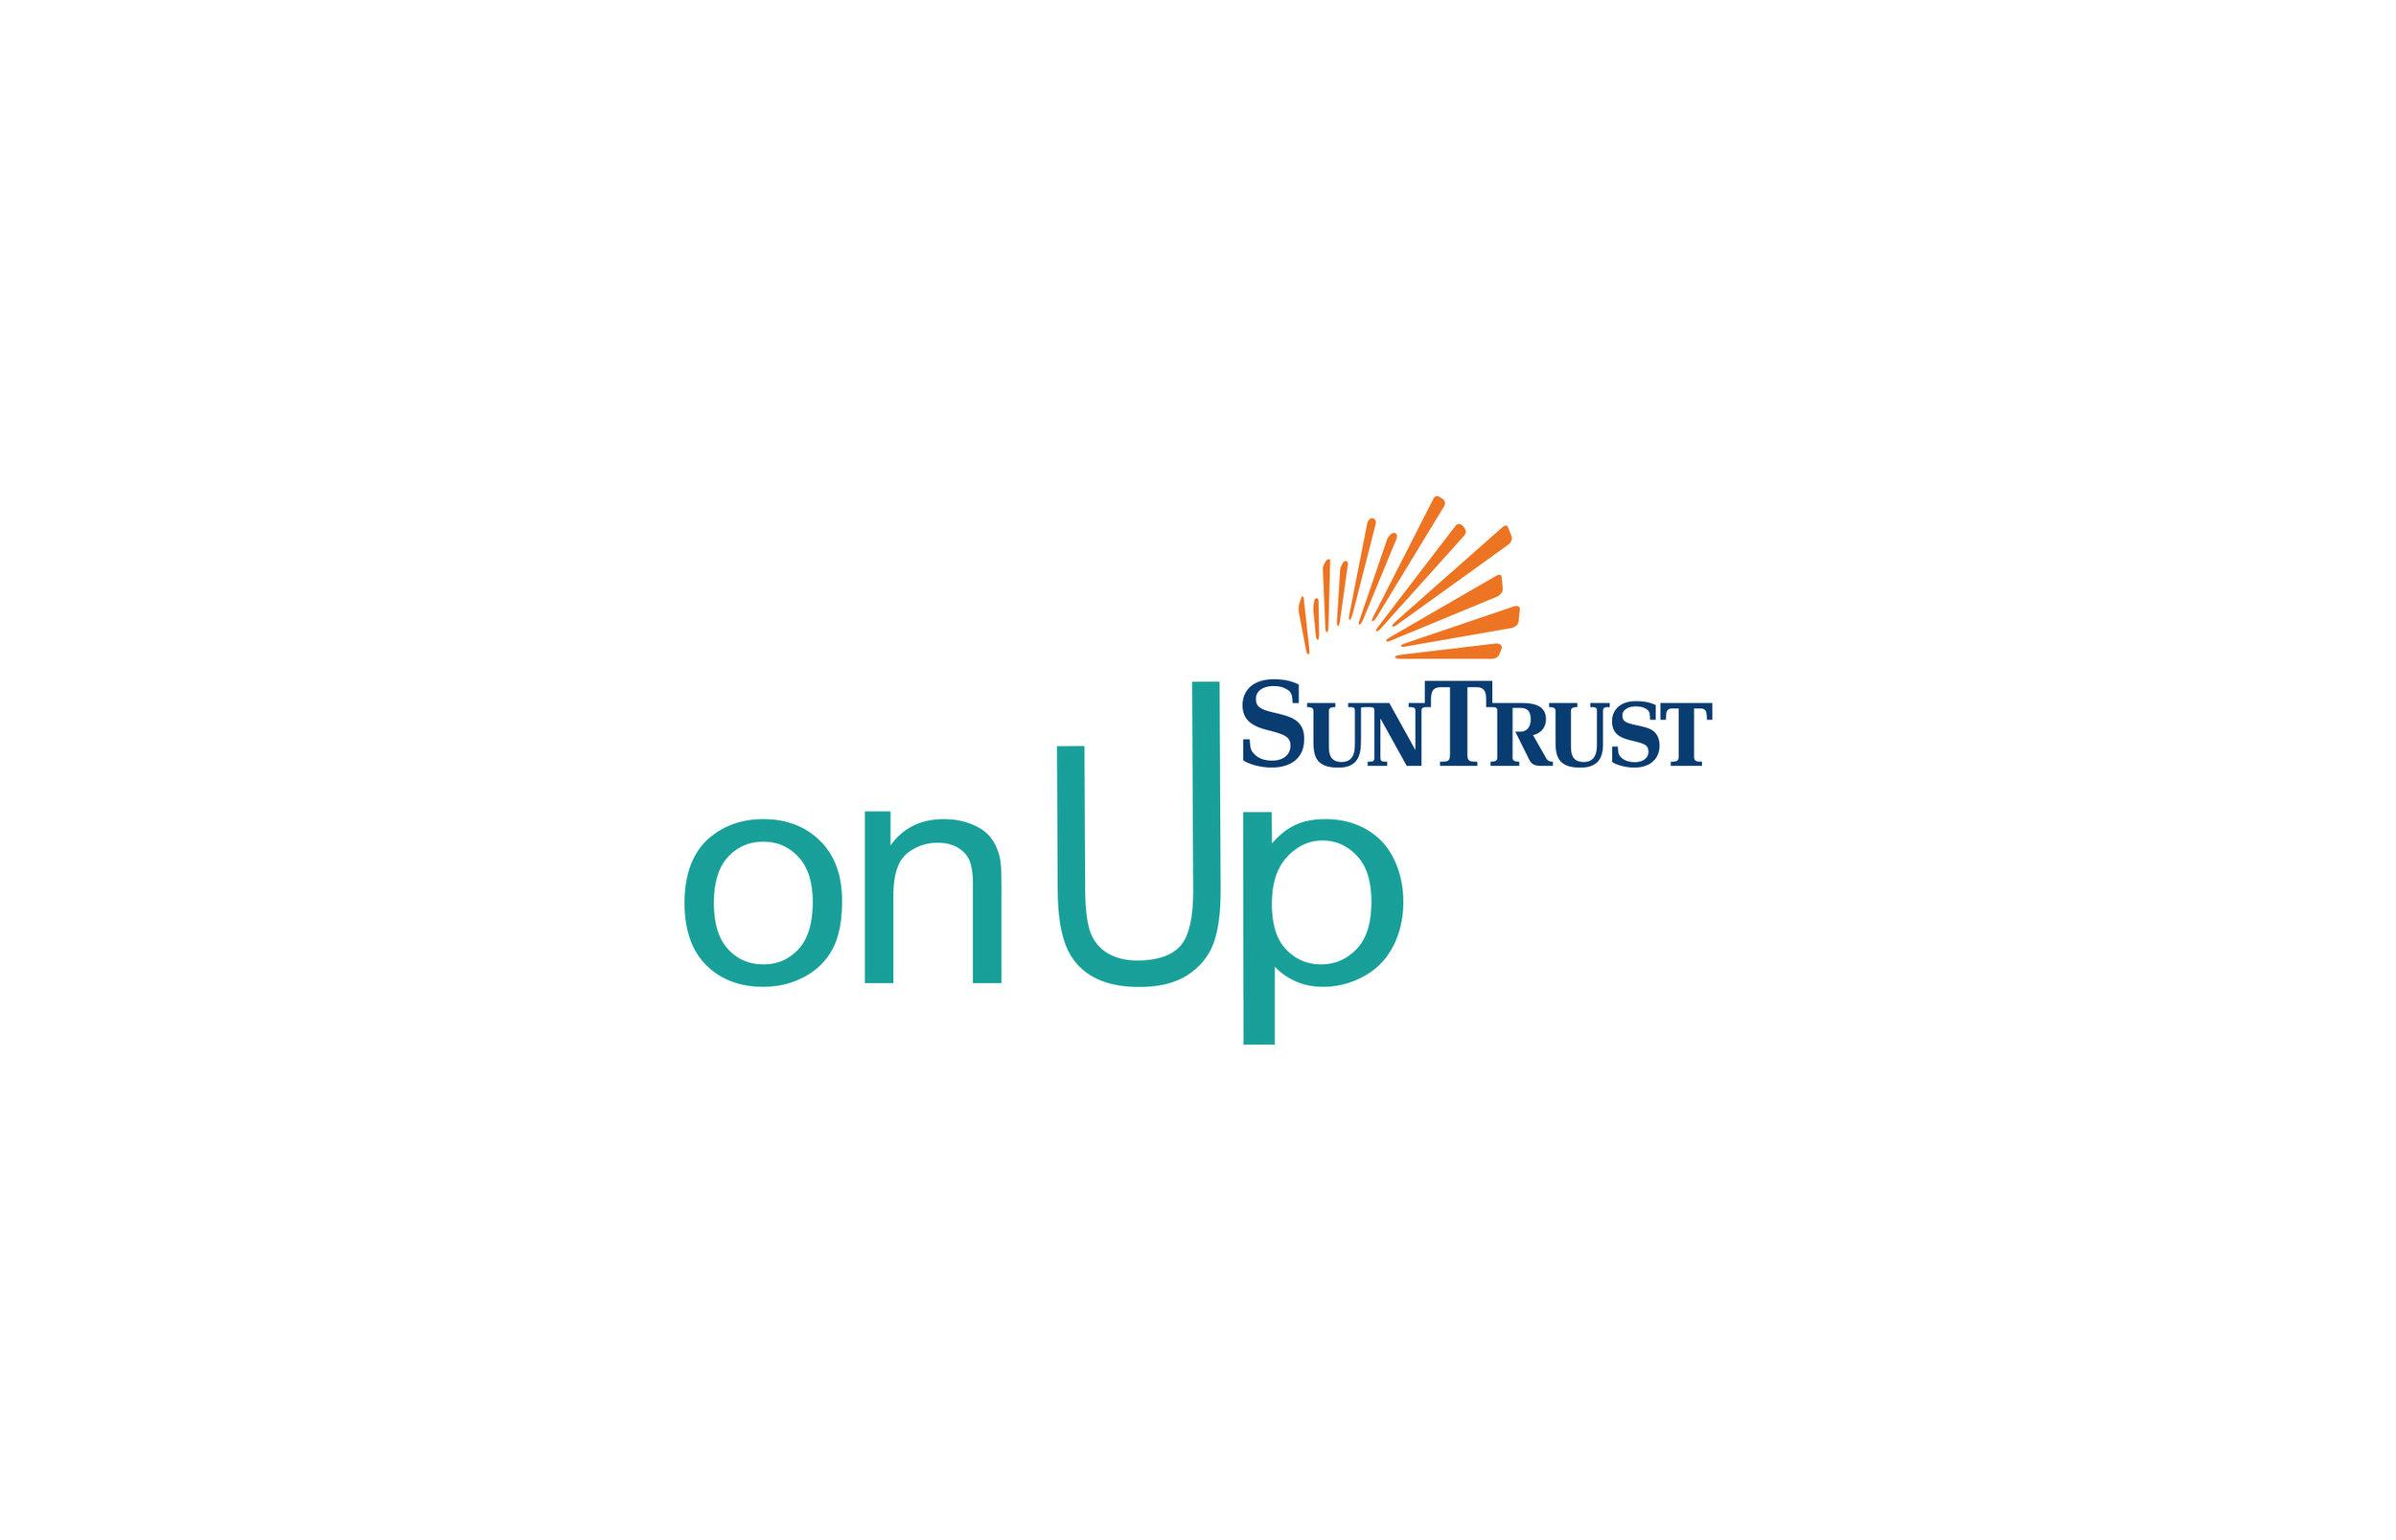 2018_TDP_2800x1800_Brand_SunTrust2.jpg